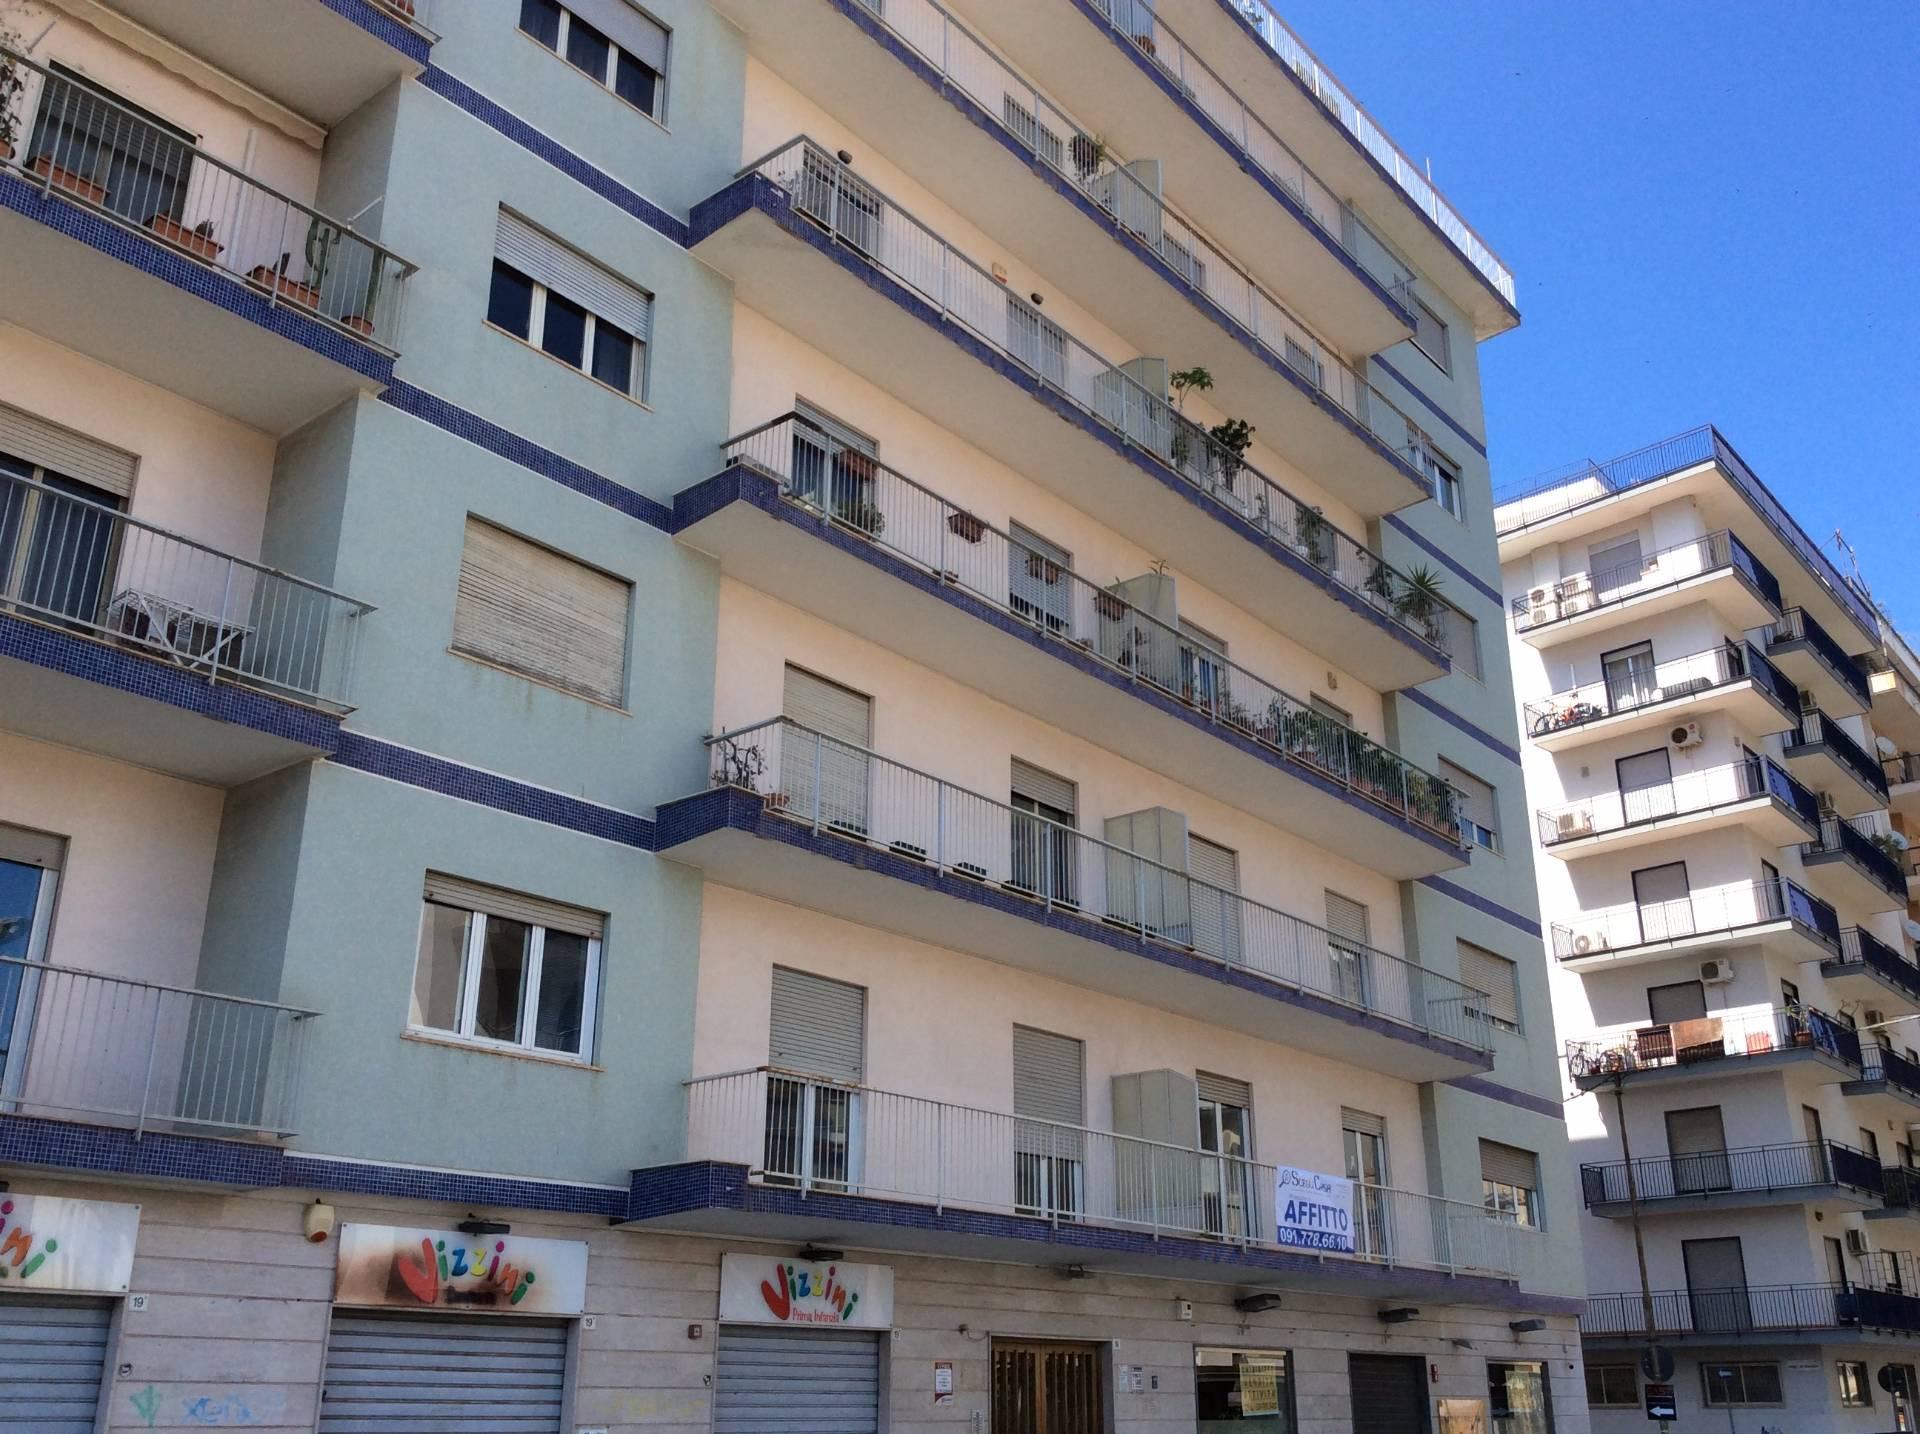 Ufficio / Studio in affitto a Palermo, 9999 locali, zona Località: villabianca, prezzo € 3.500 | CambioCasa.it